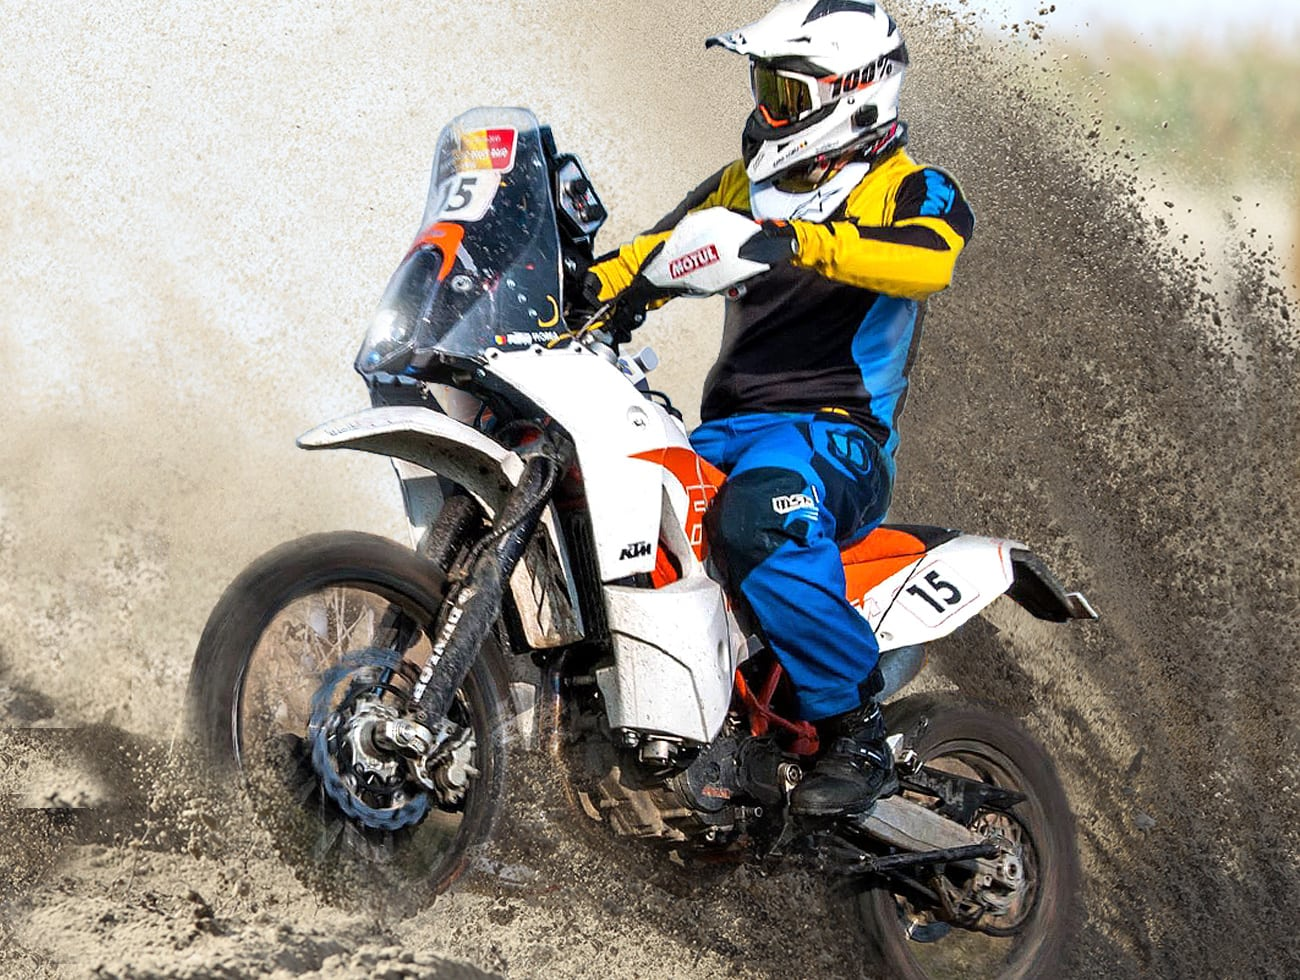 kit690-rally